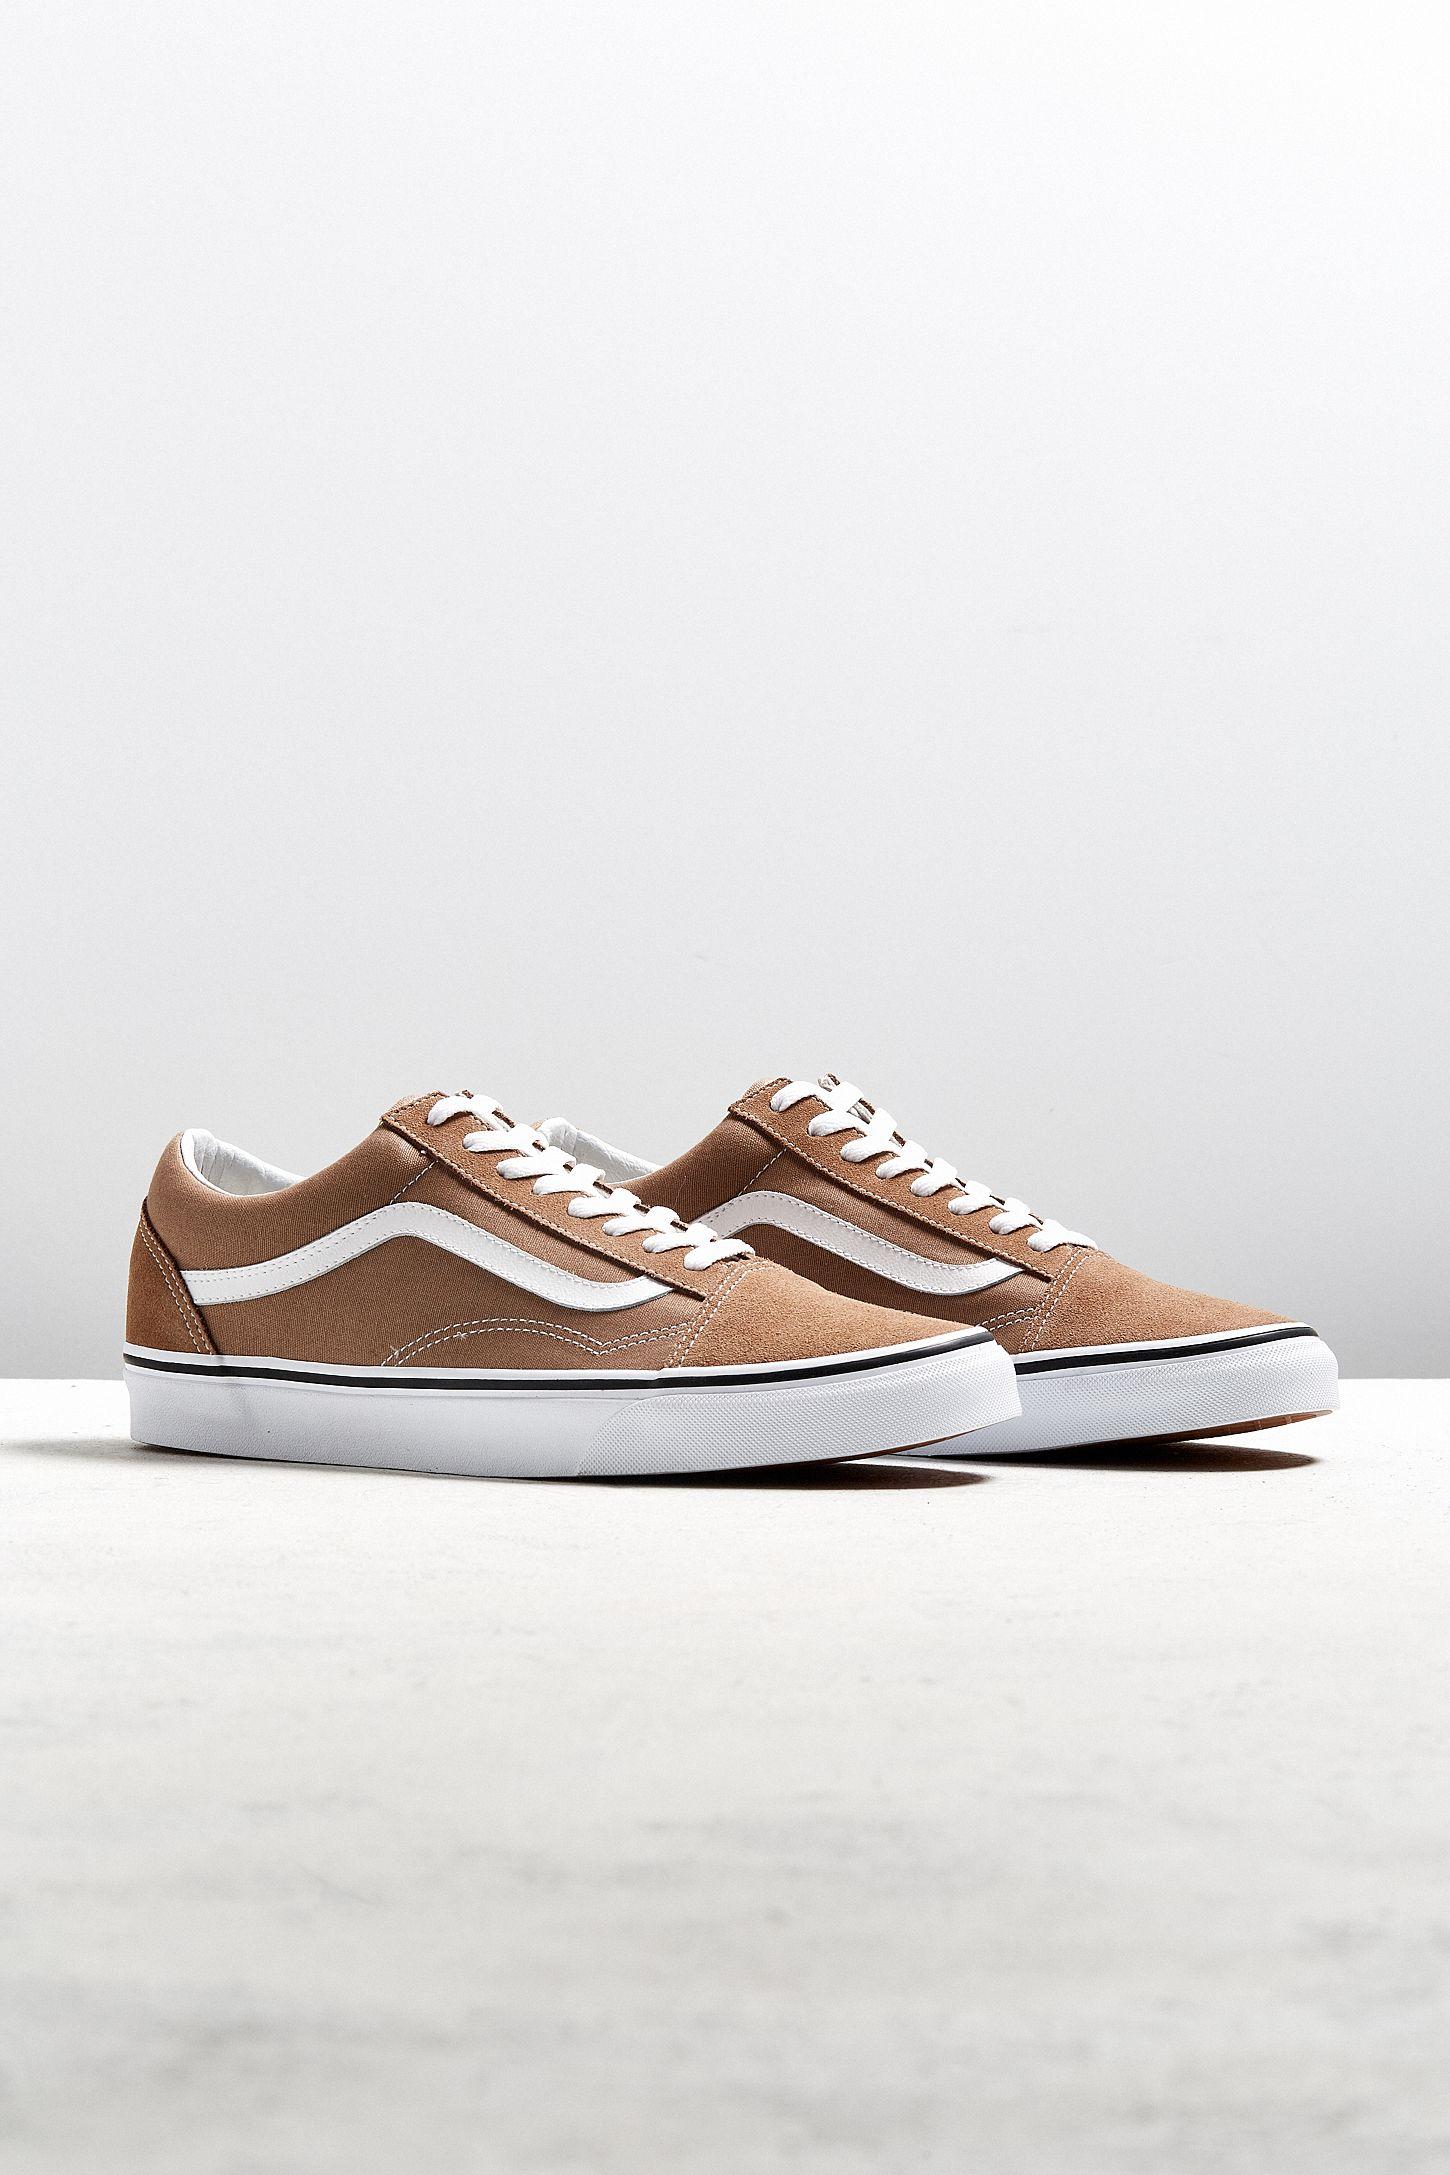 1252ffa180 Vans Old Skool Tiger Eye Sneaker